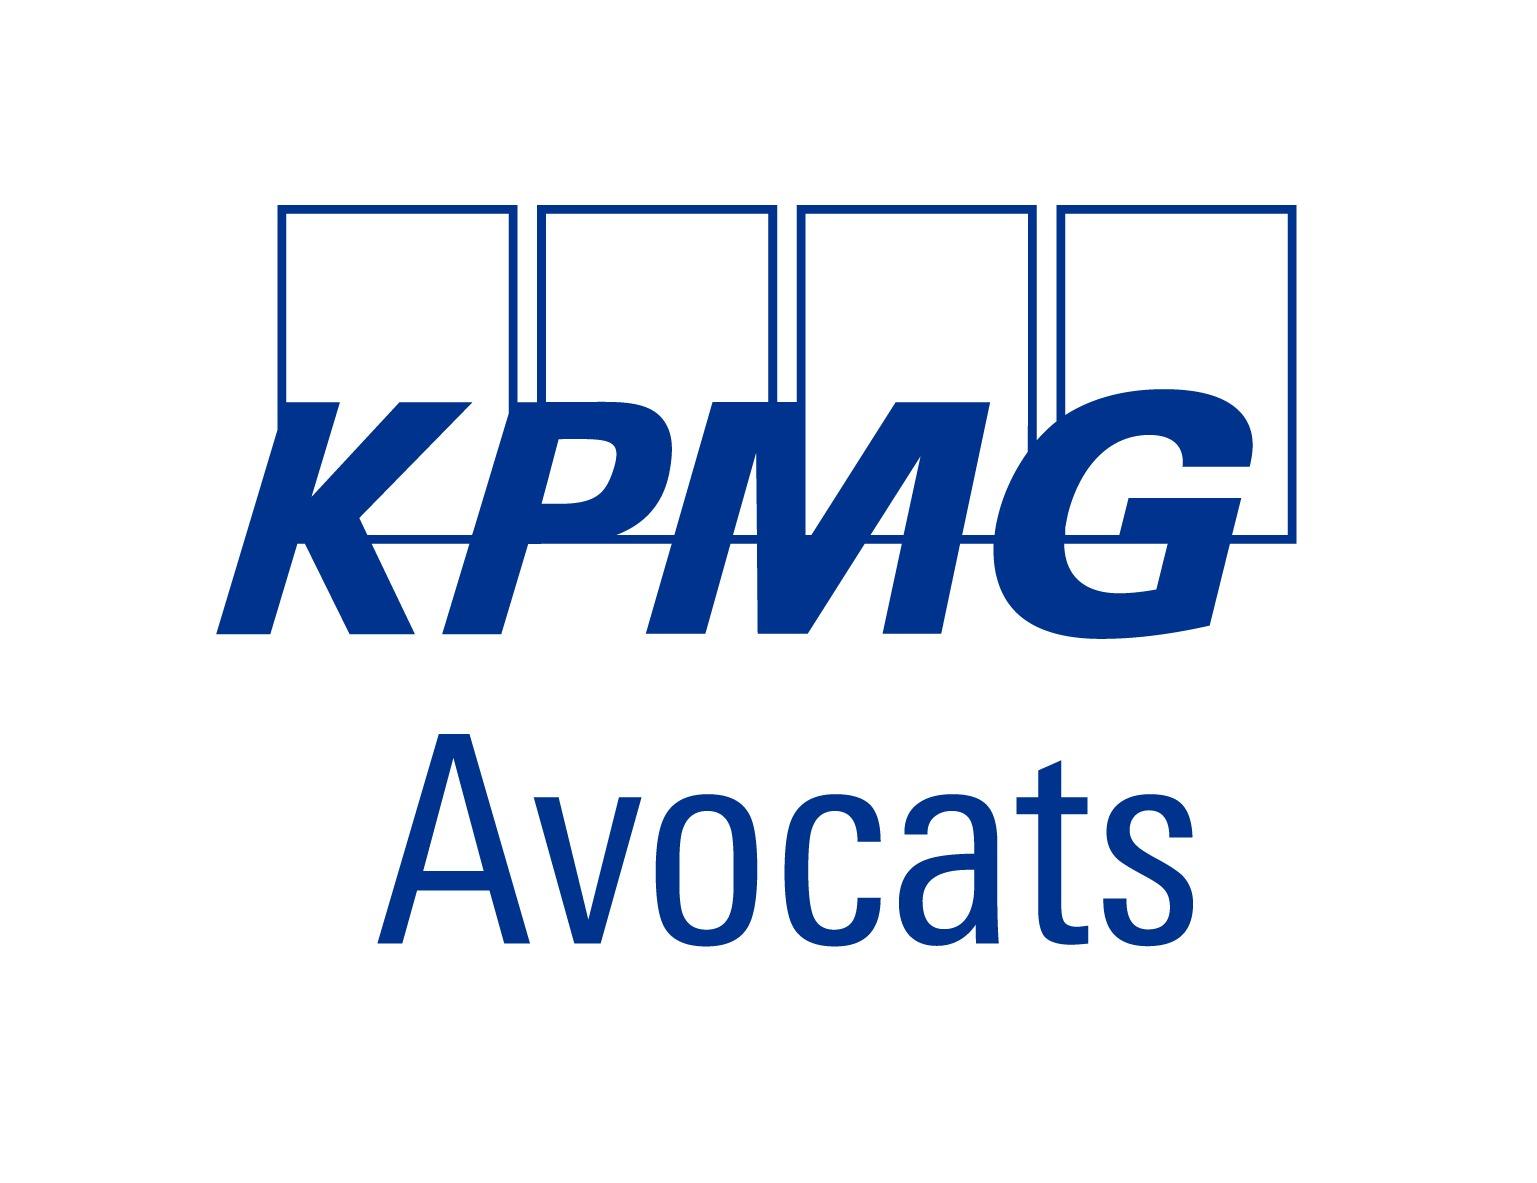 the KPMG Avocats logo.